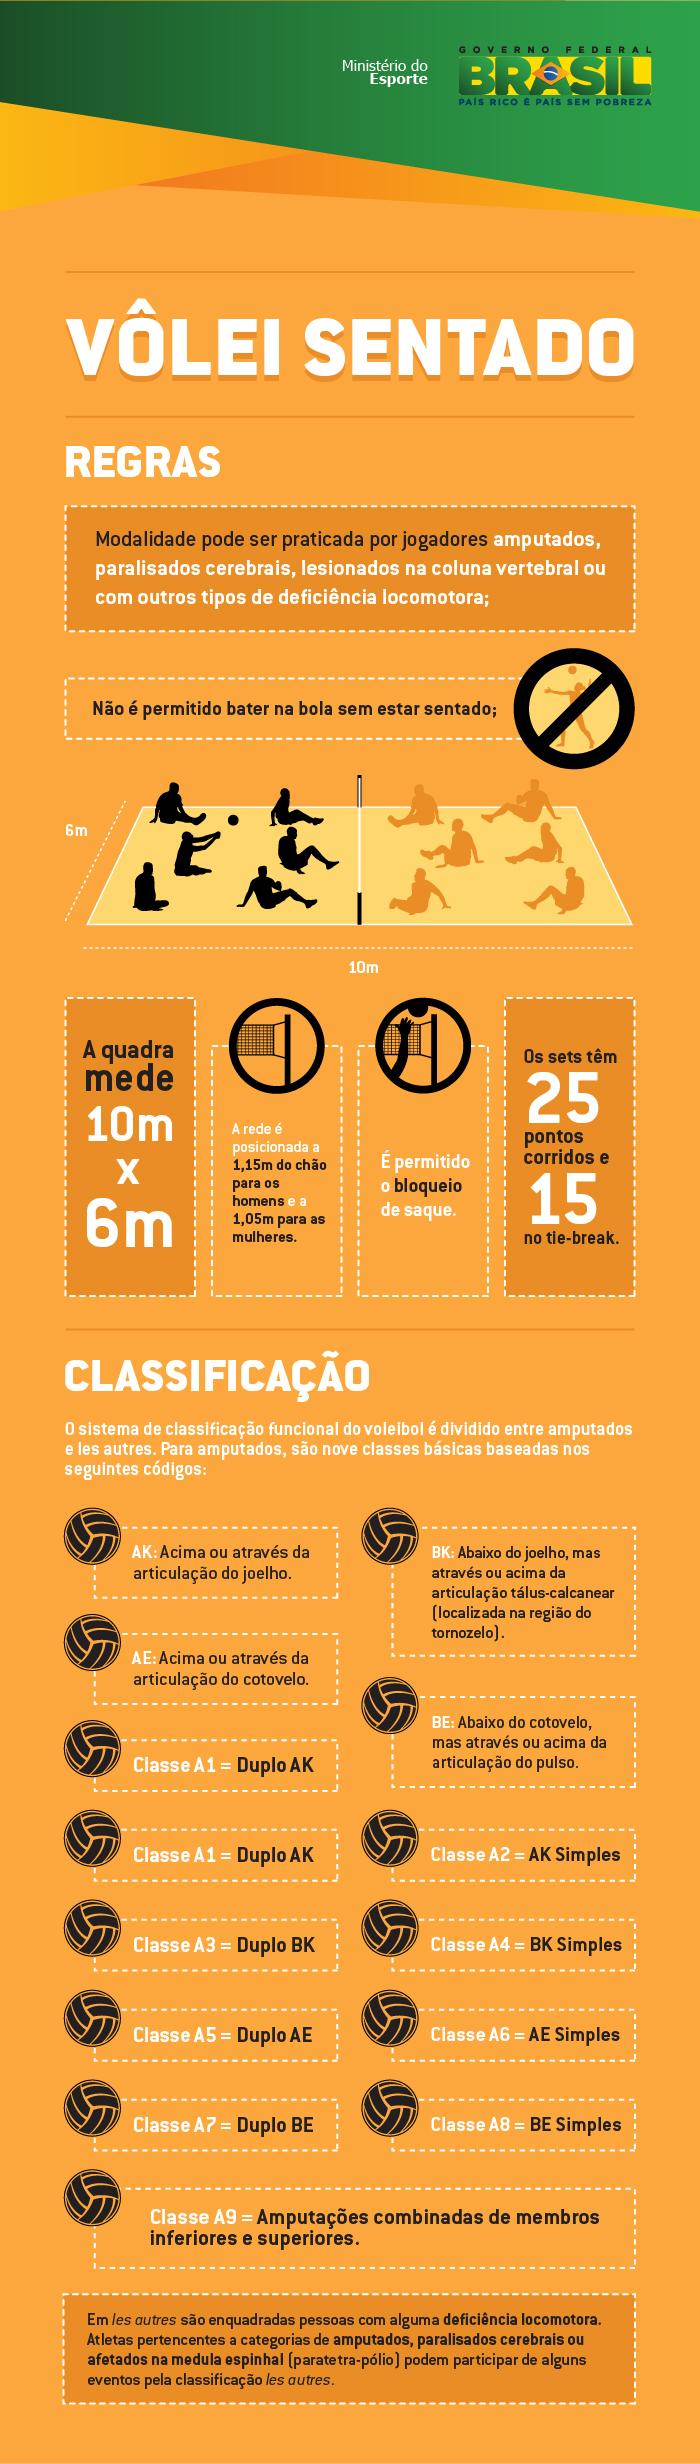 infográfico com as principais regras do vôlei sentado